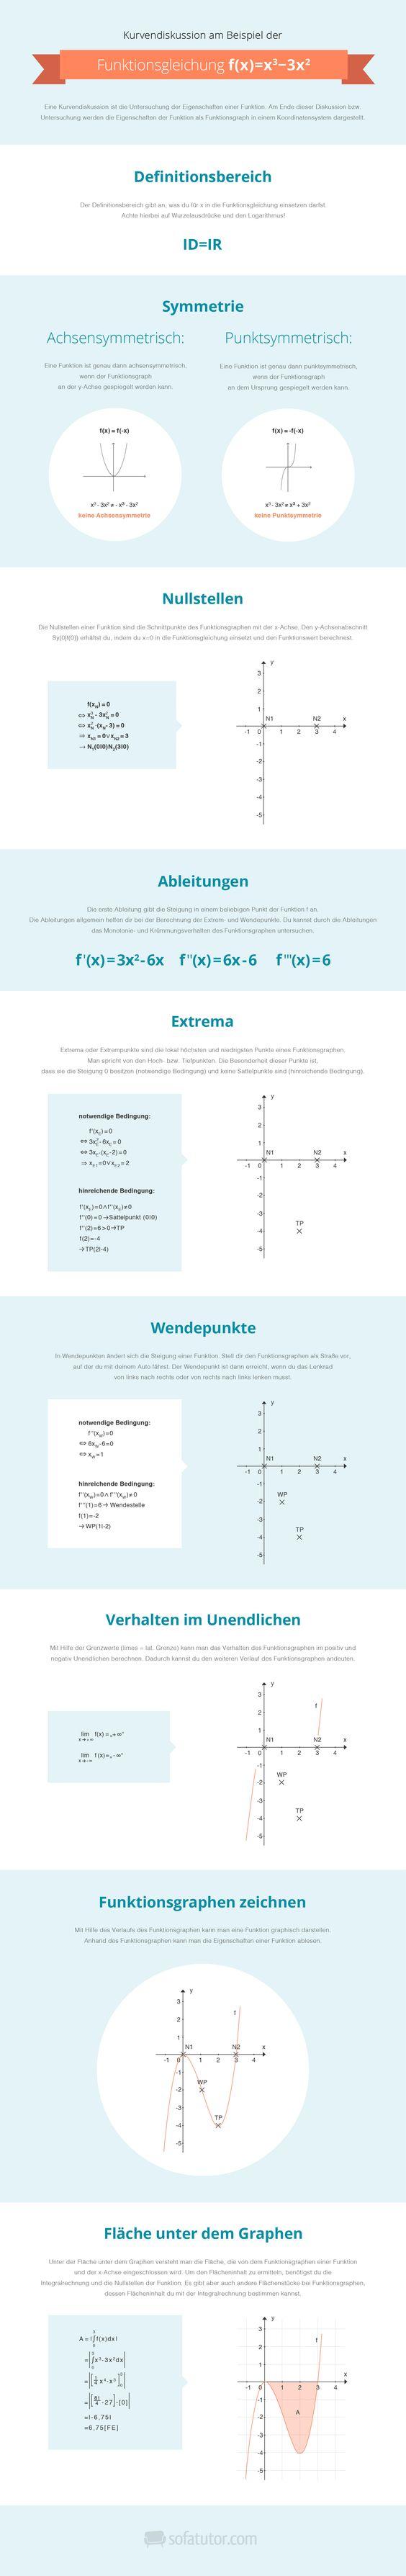 Mathe Abitur 2015: Kurvendiskussion als Infografik zum schnellen Lernen für die Abiprüfung! (http://magazin.sofatutor.com/schueler/)